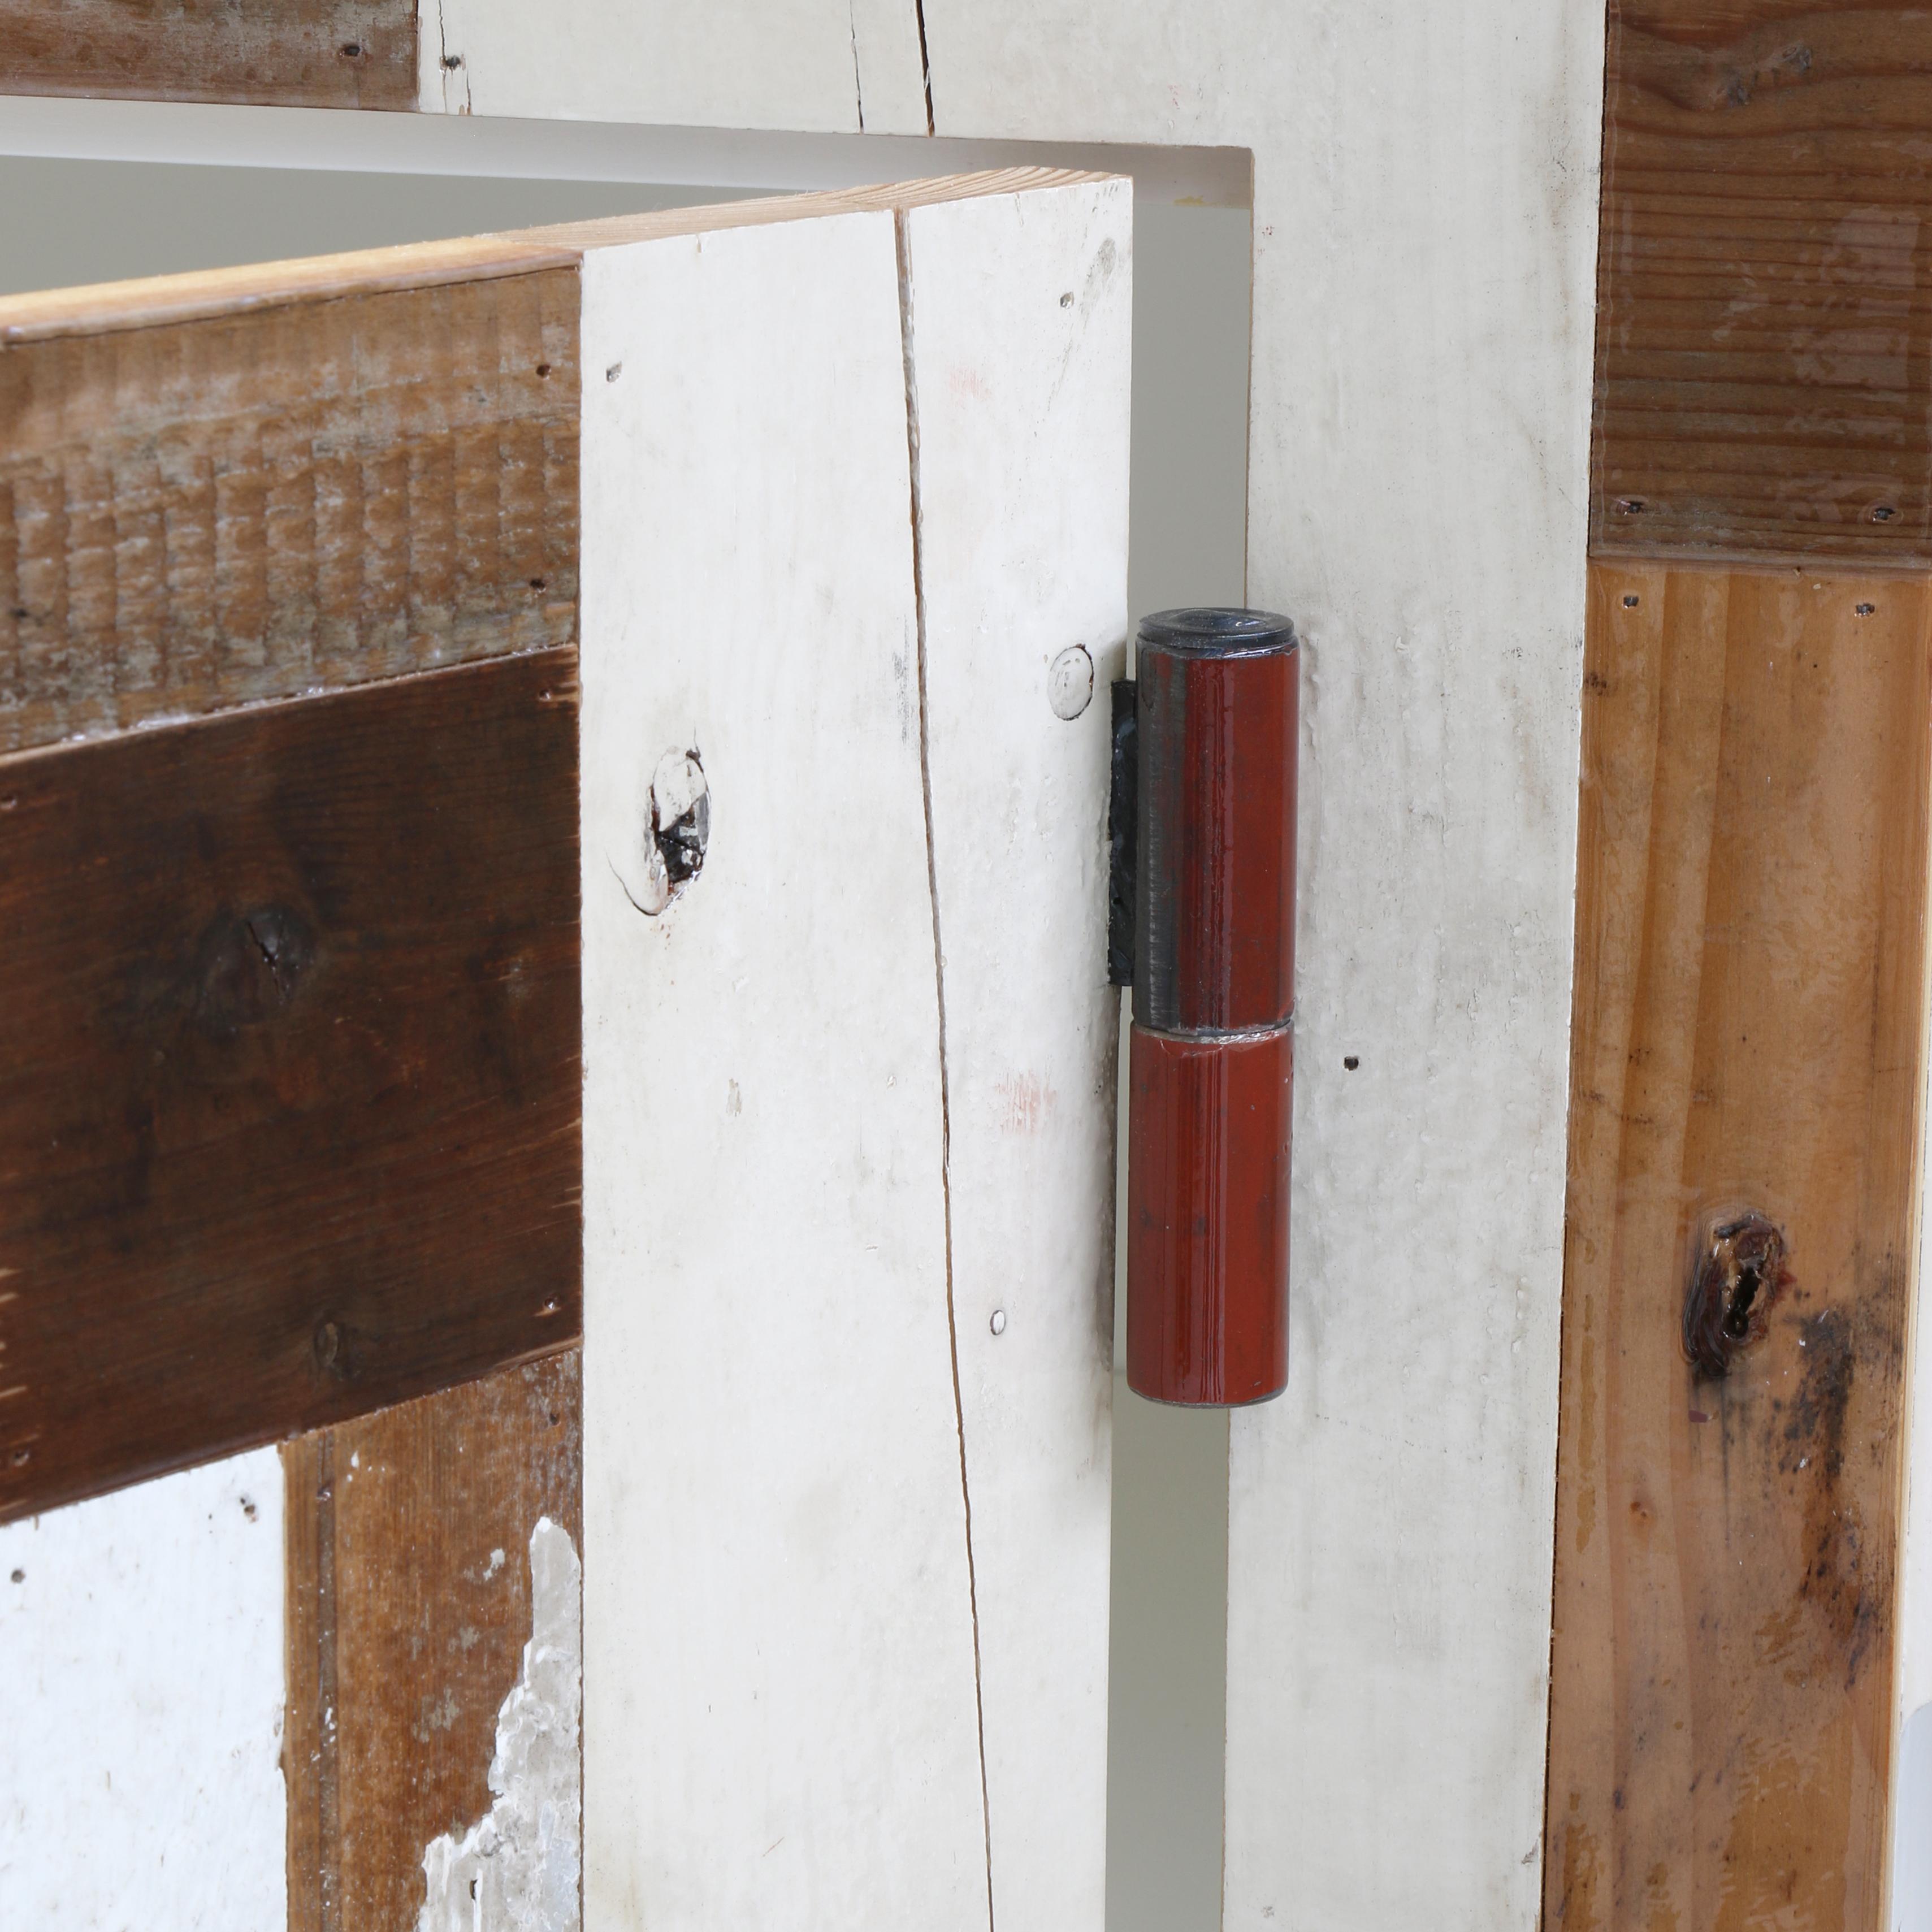 afvalkast-in-afvalkast-in-sloophout-2-deur-3-lade_3 detail -2-deur-3-lade_3